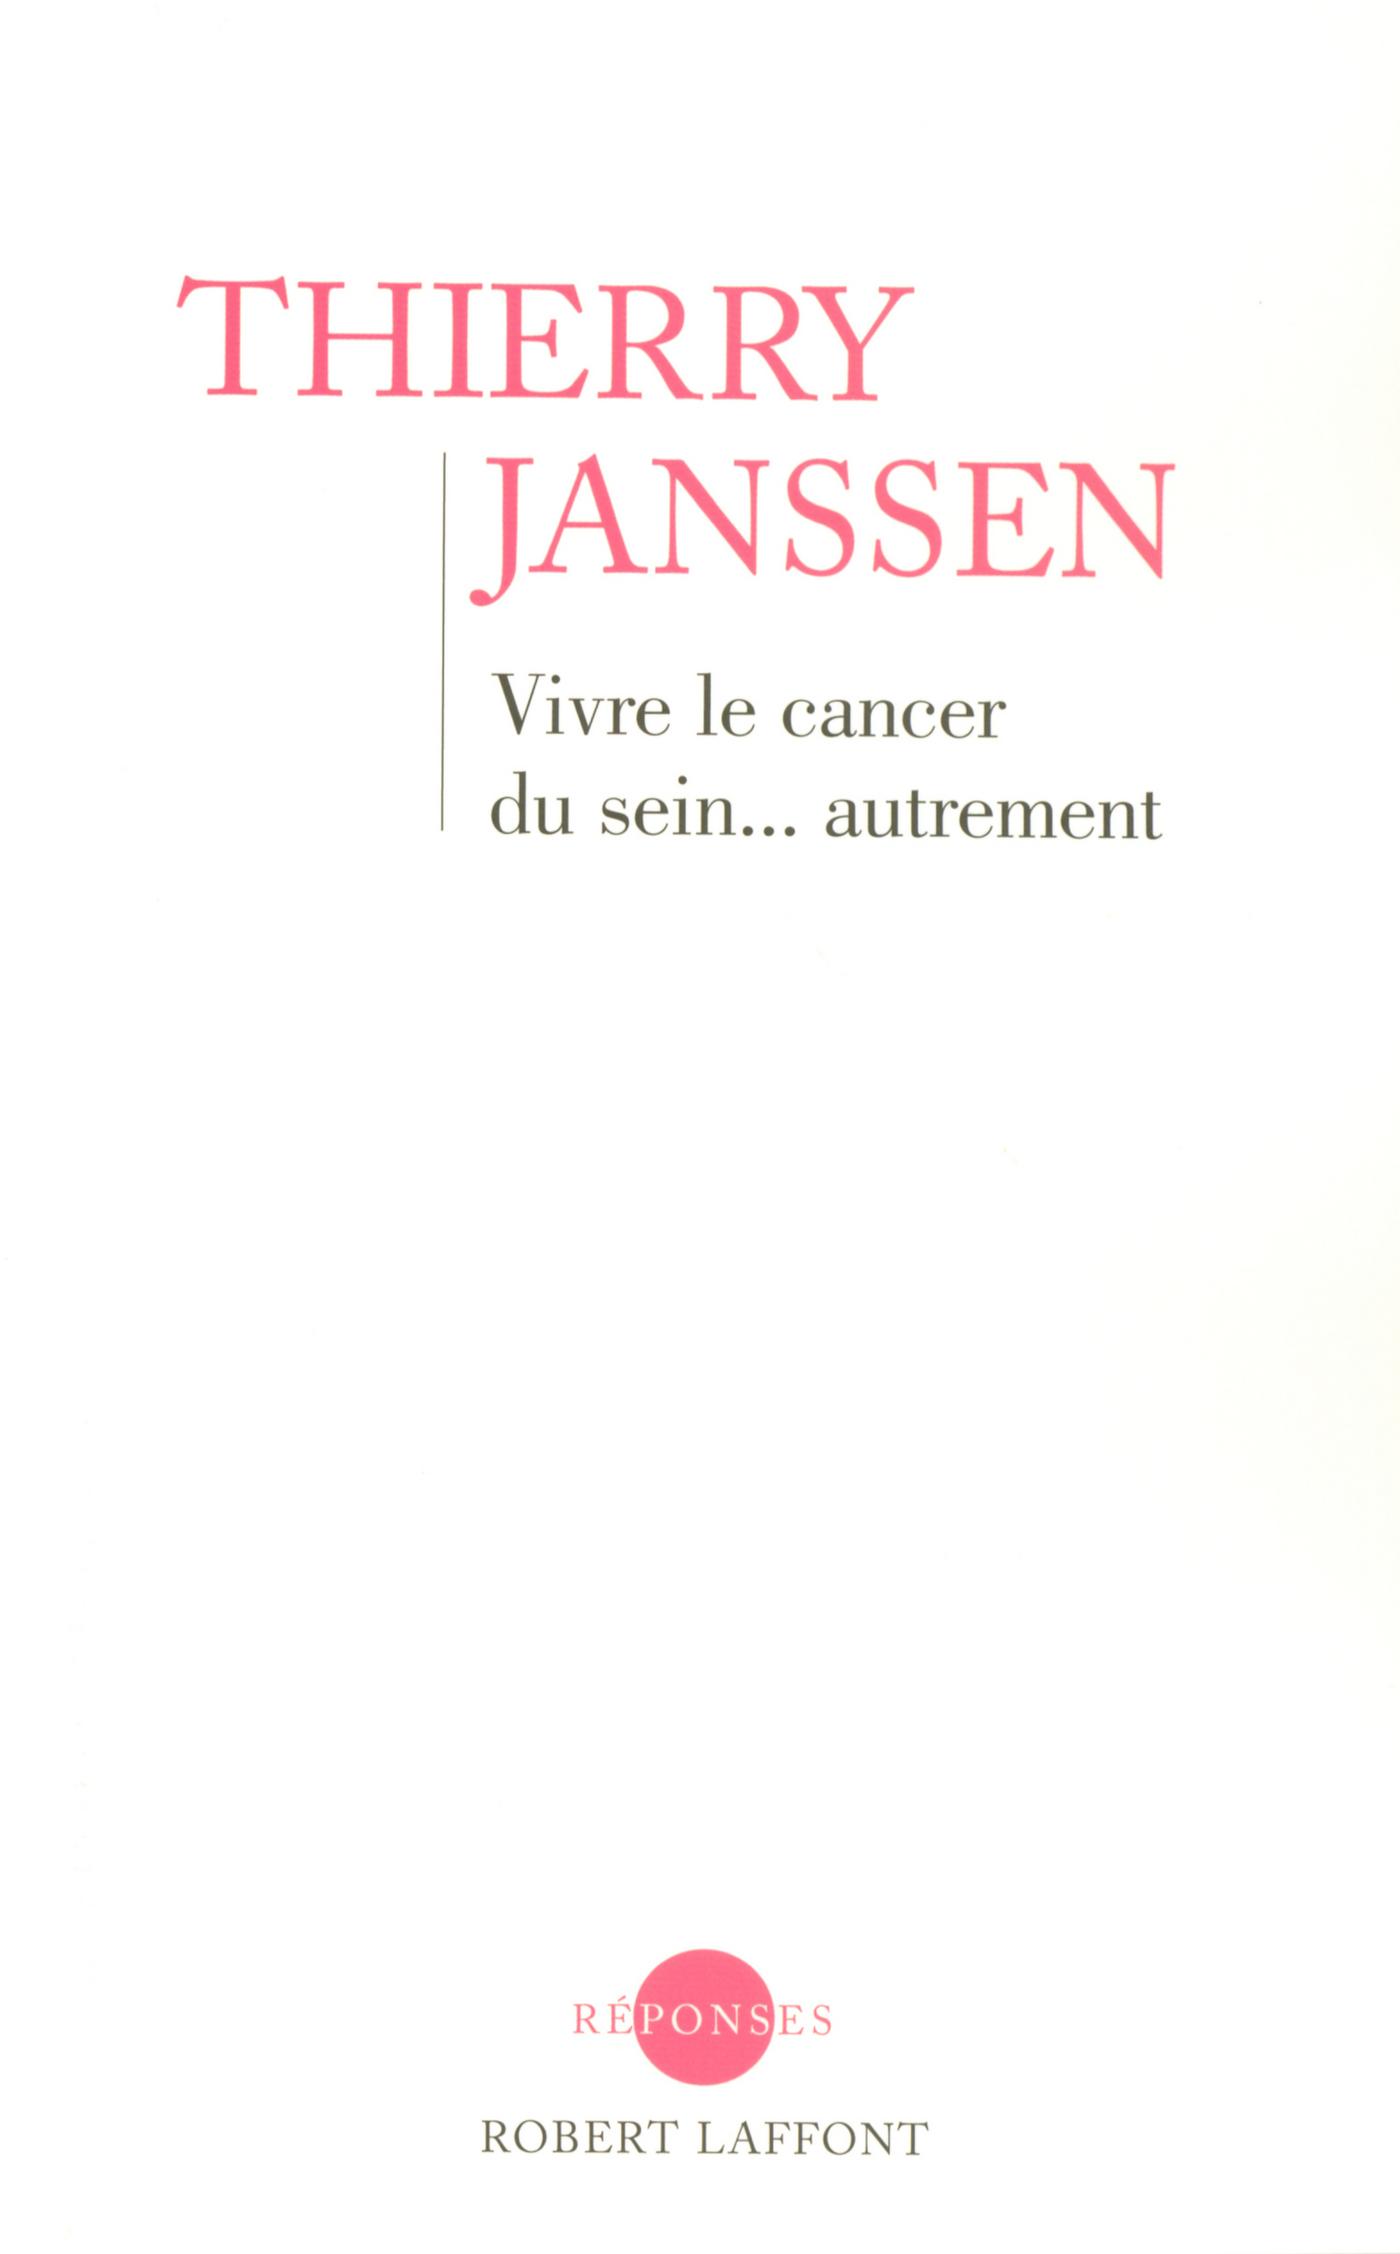 Vivre le cancer du sein... autrement (ebook)